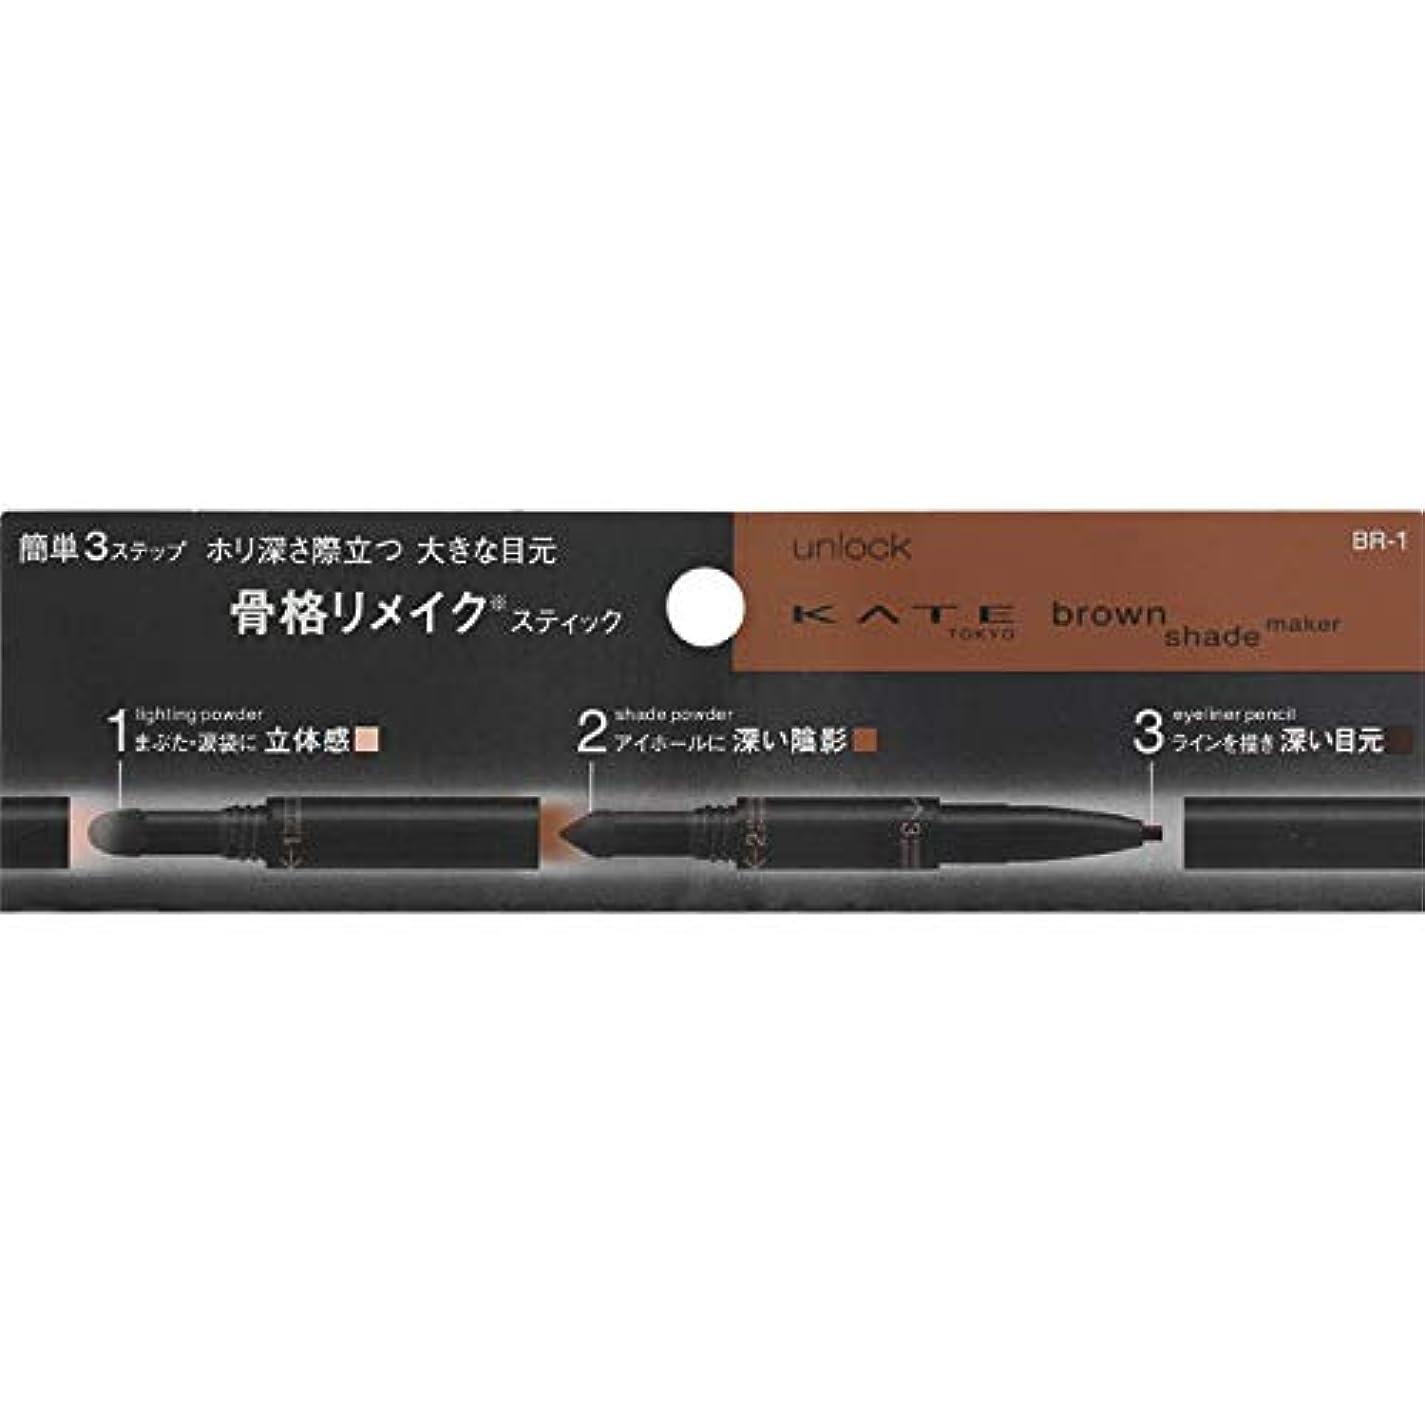 きゅうり定刻常識カネボウ(Kanebo) ケイト ブラウンシェードメイカー<カラー:BR-1>